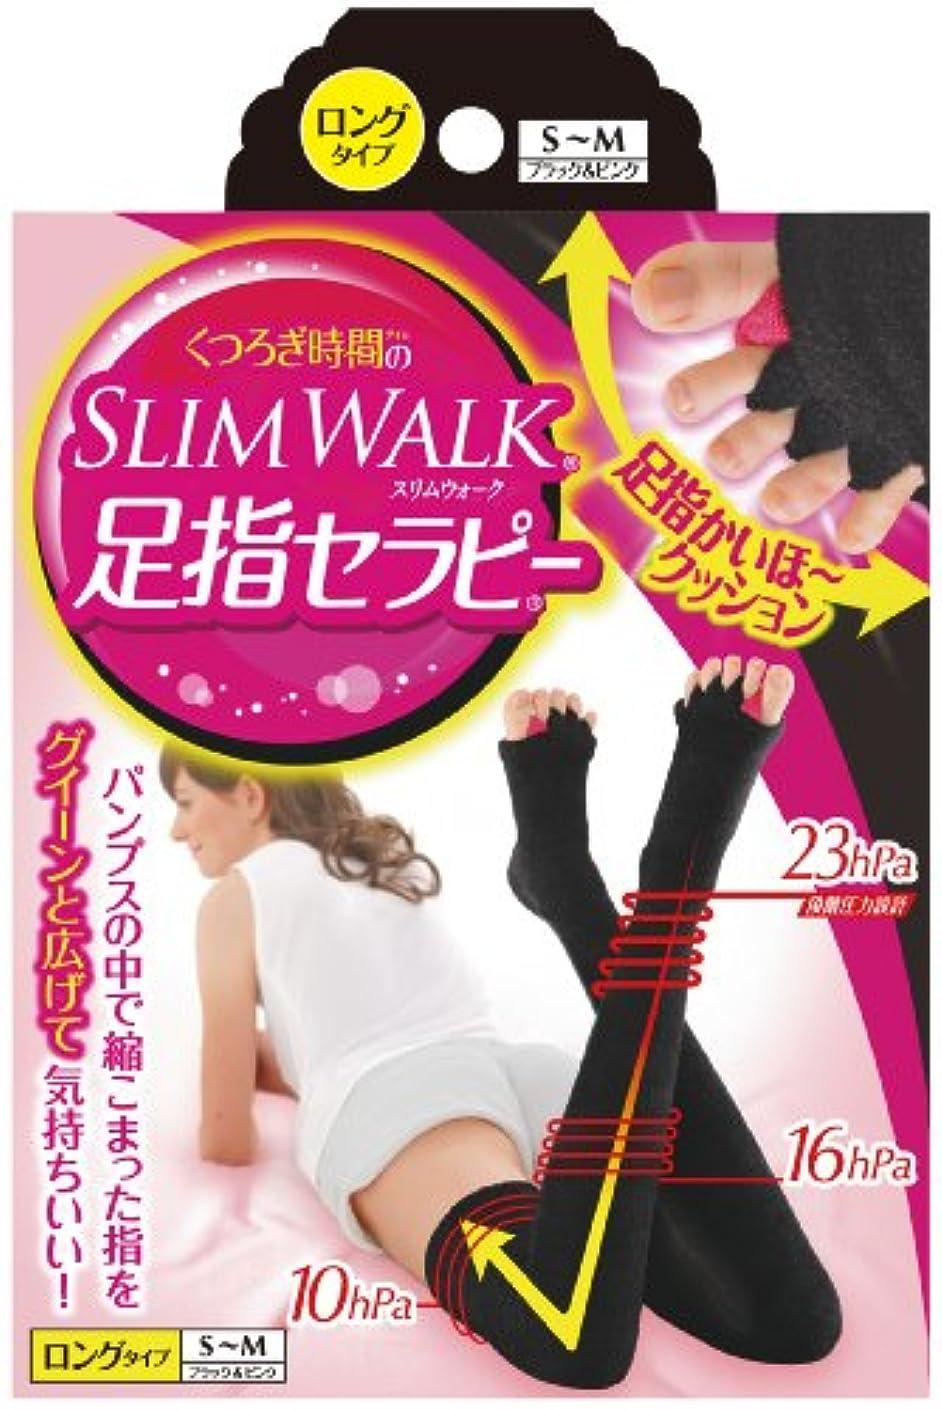 キャリッジ靴最後のスリムウォーク 足指セラピー (冬用) ロングタイプ S-Mサイズ ブラック&ピンク(SLIMWALK,split open-toe socks,SM)